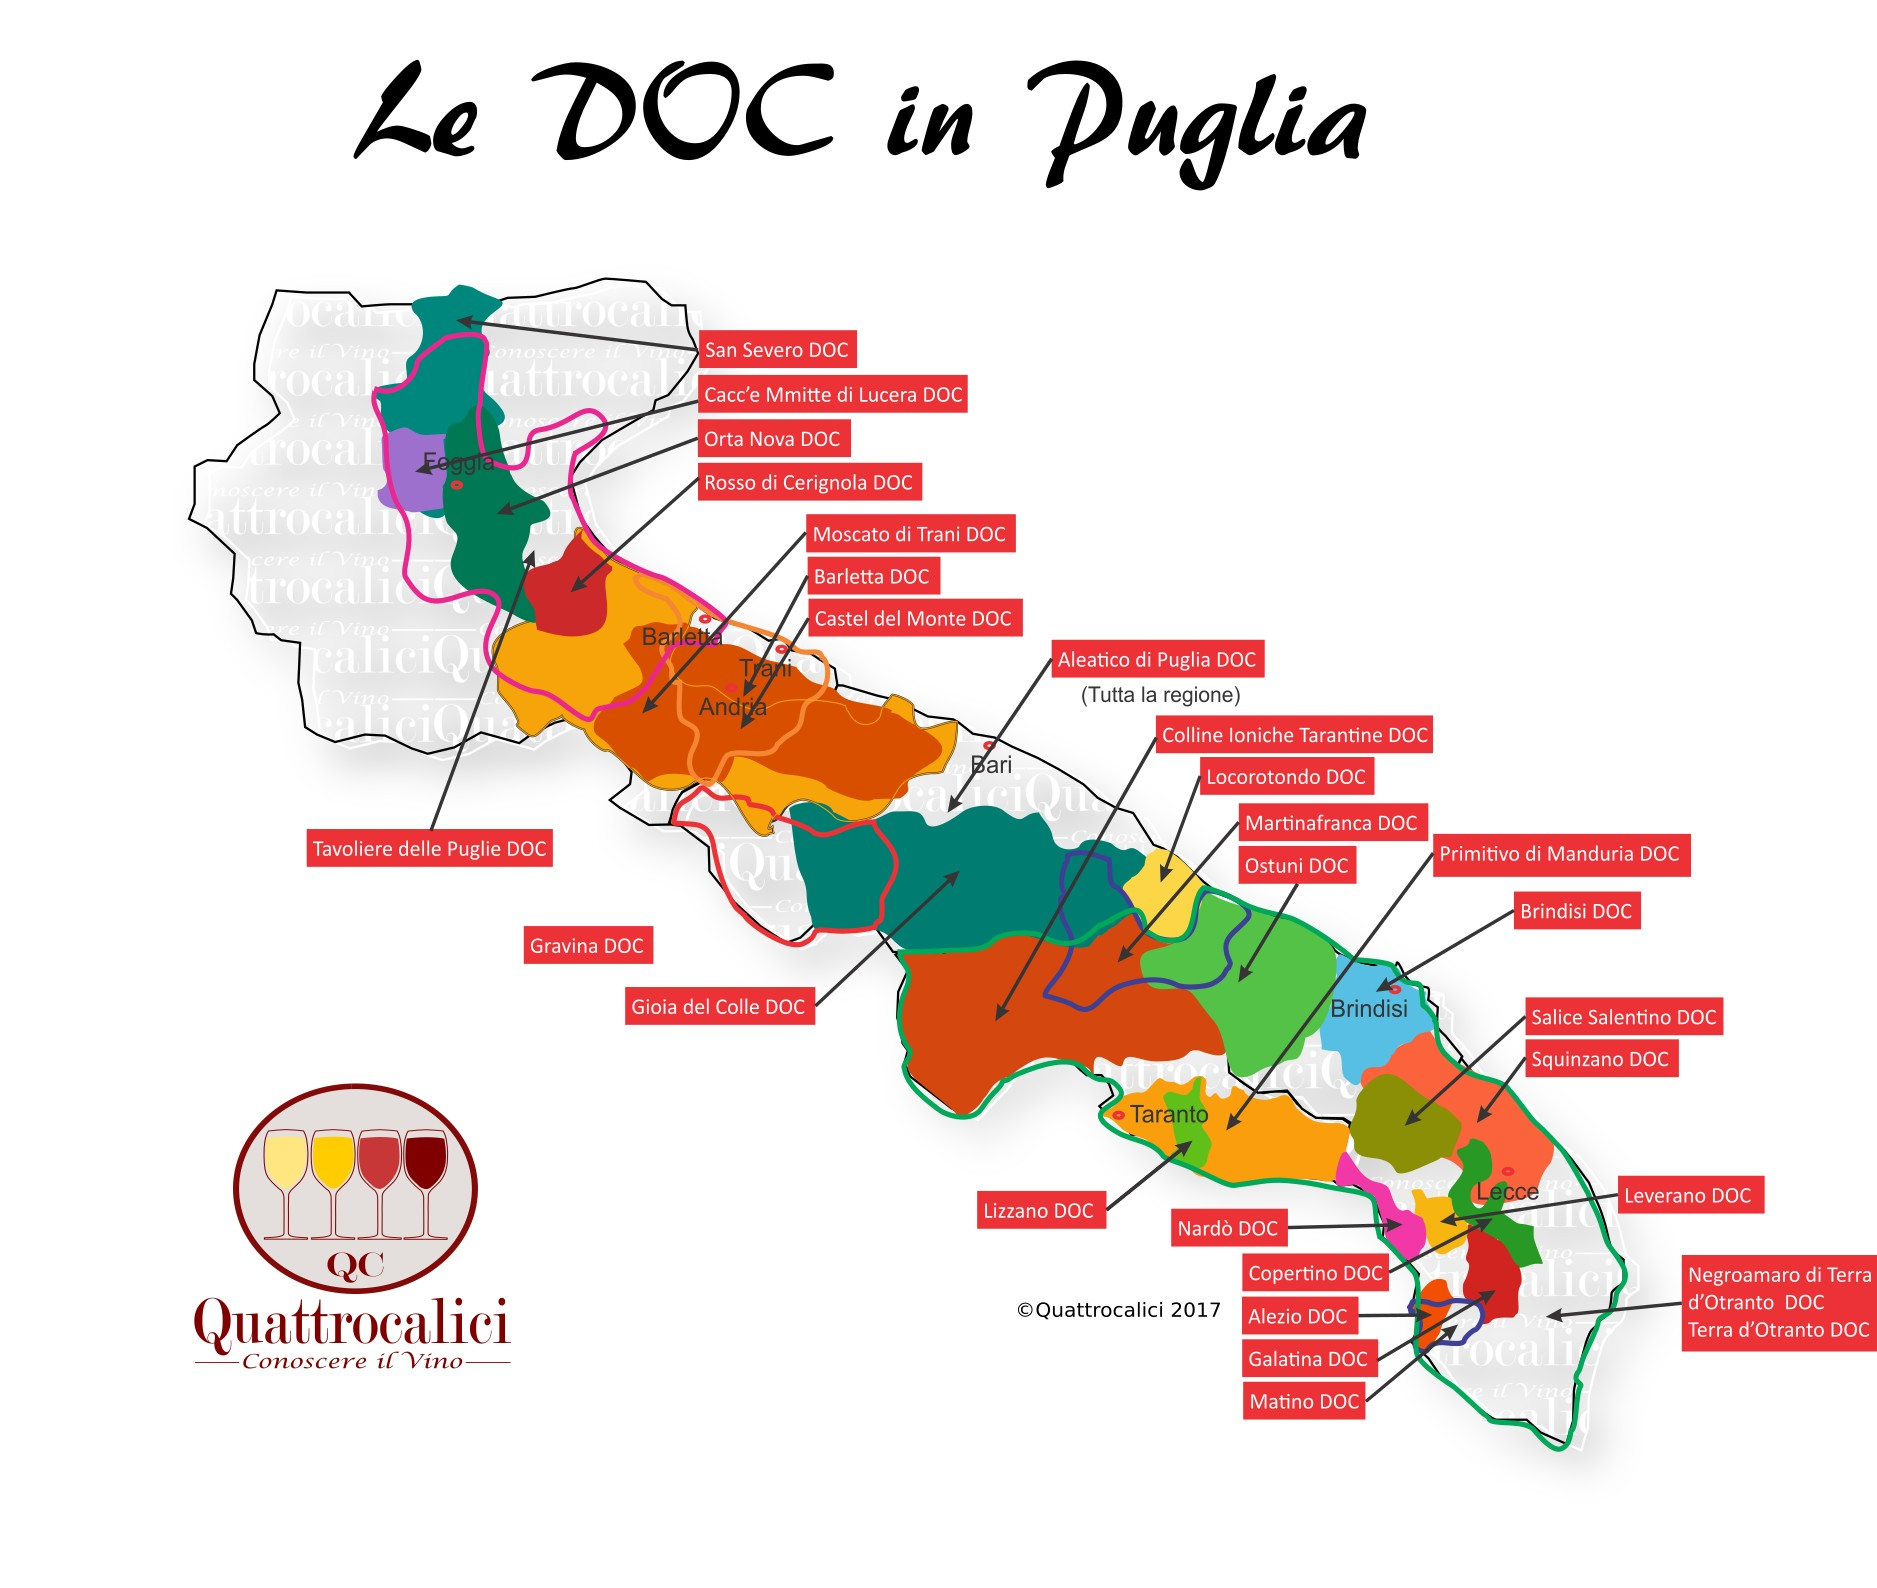 Le DOC in Puglia